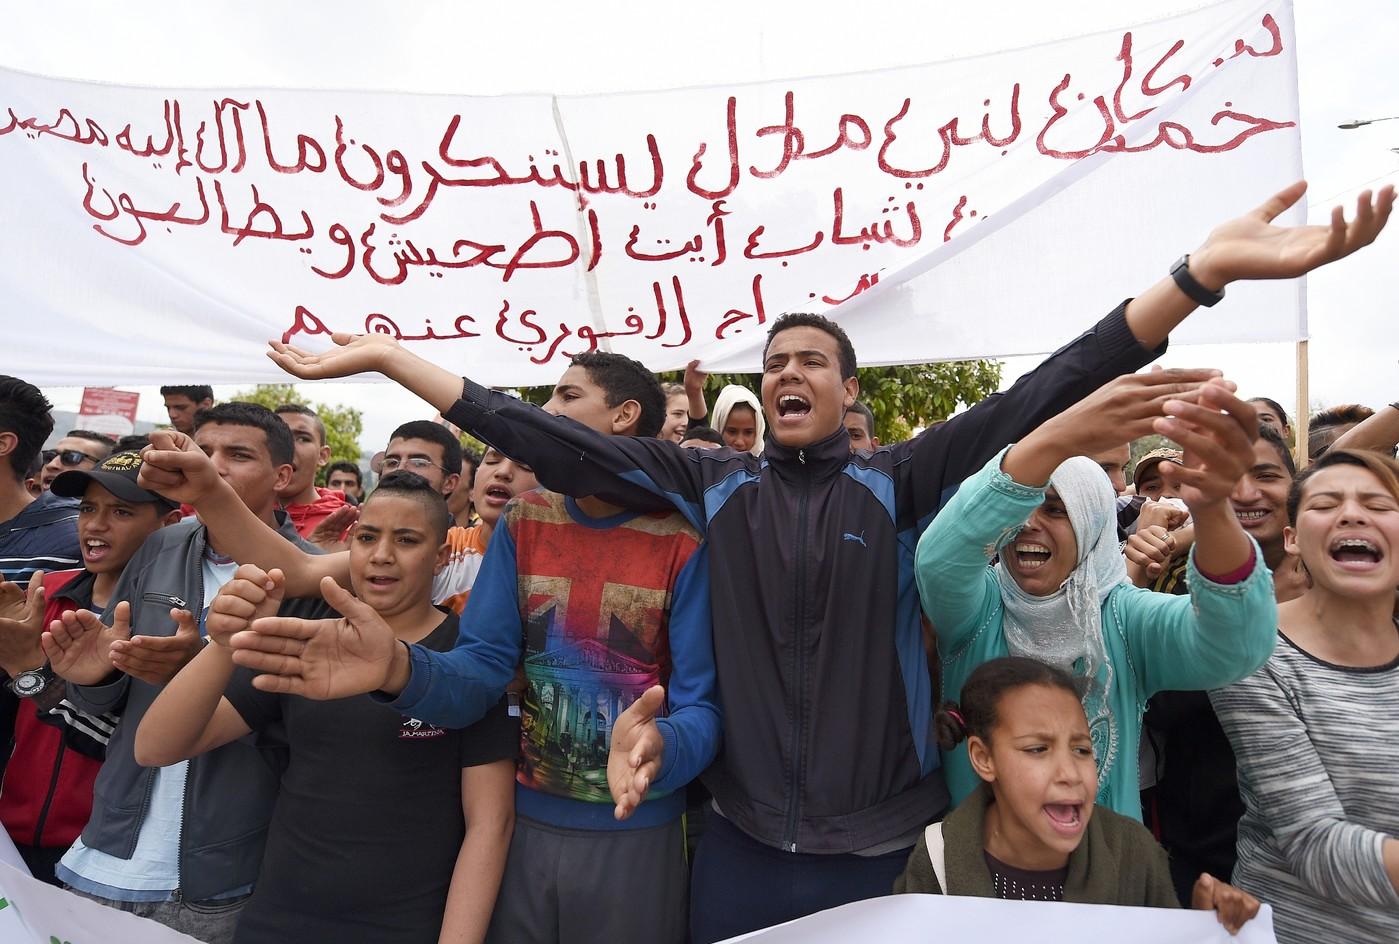 Des-Marocains-manifestent-contre-homosexualite-marge-proces-homosexuel-trois-agresseurs-4-avril-2016-dans-ville-Beni-Mellal-centre-pays_1_1400_944